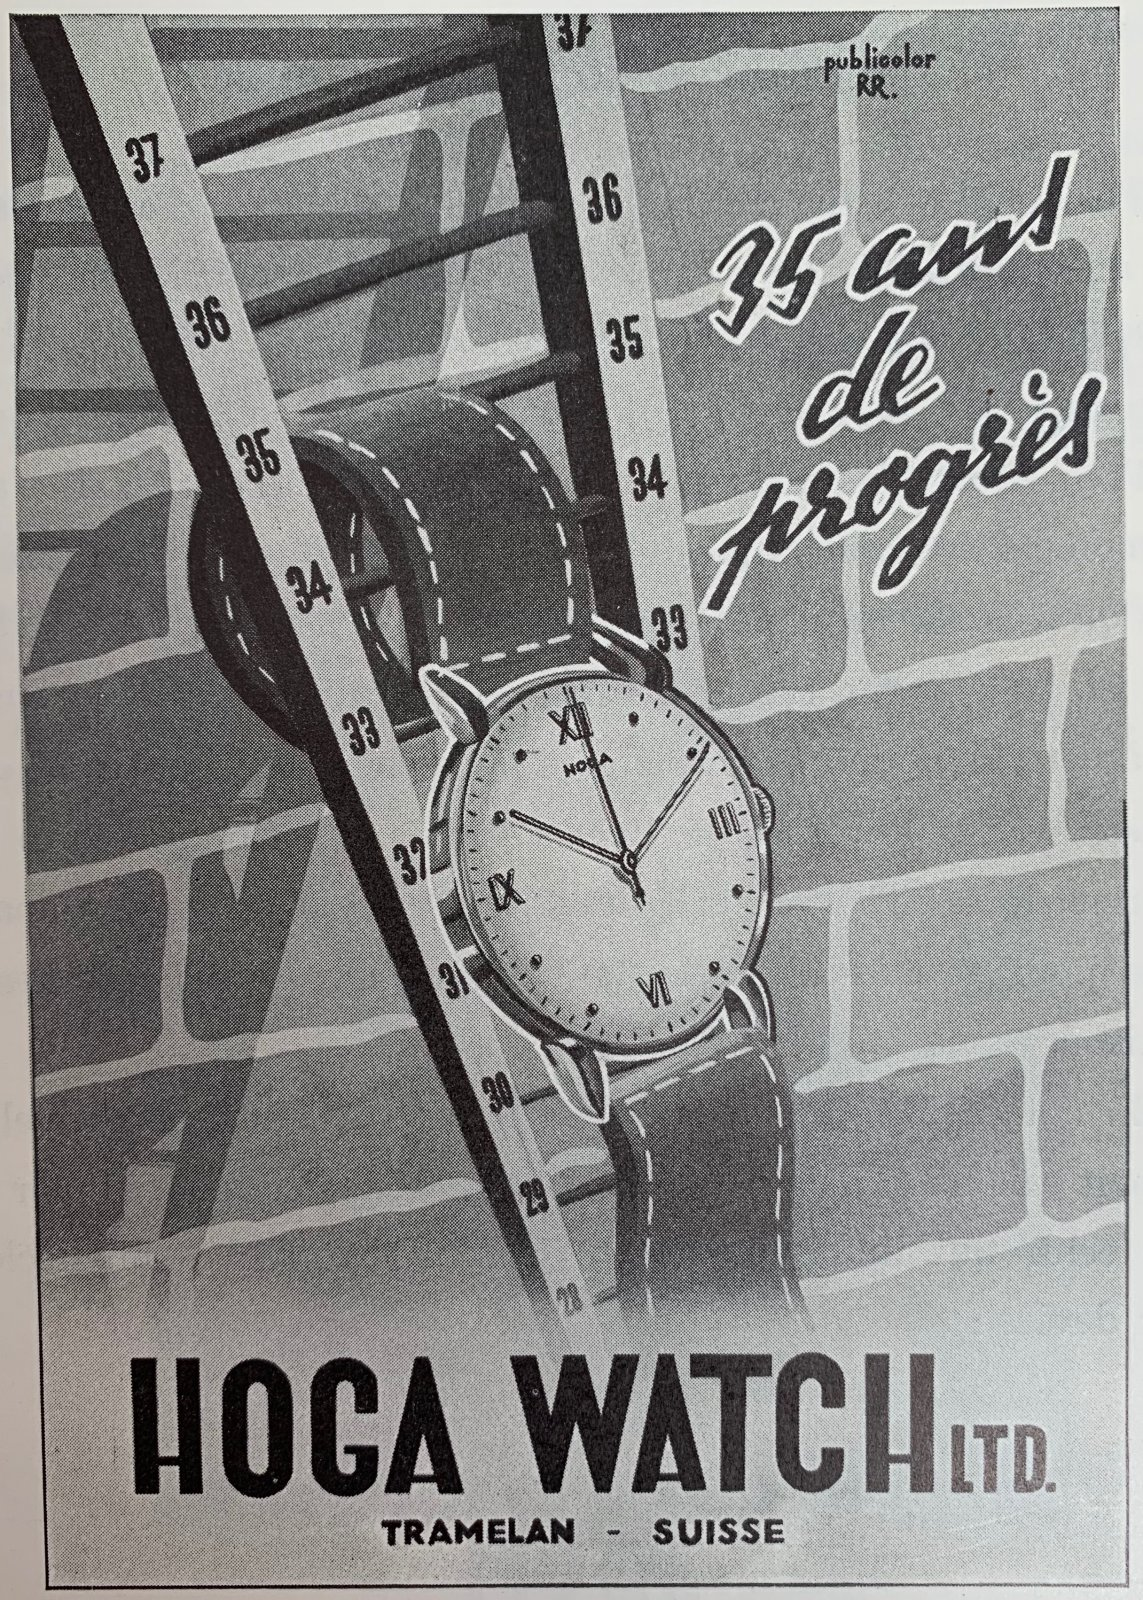 hoga werbung 1948.jpeg